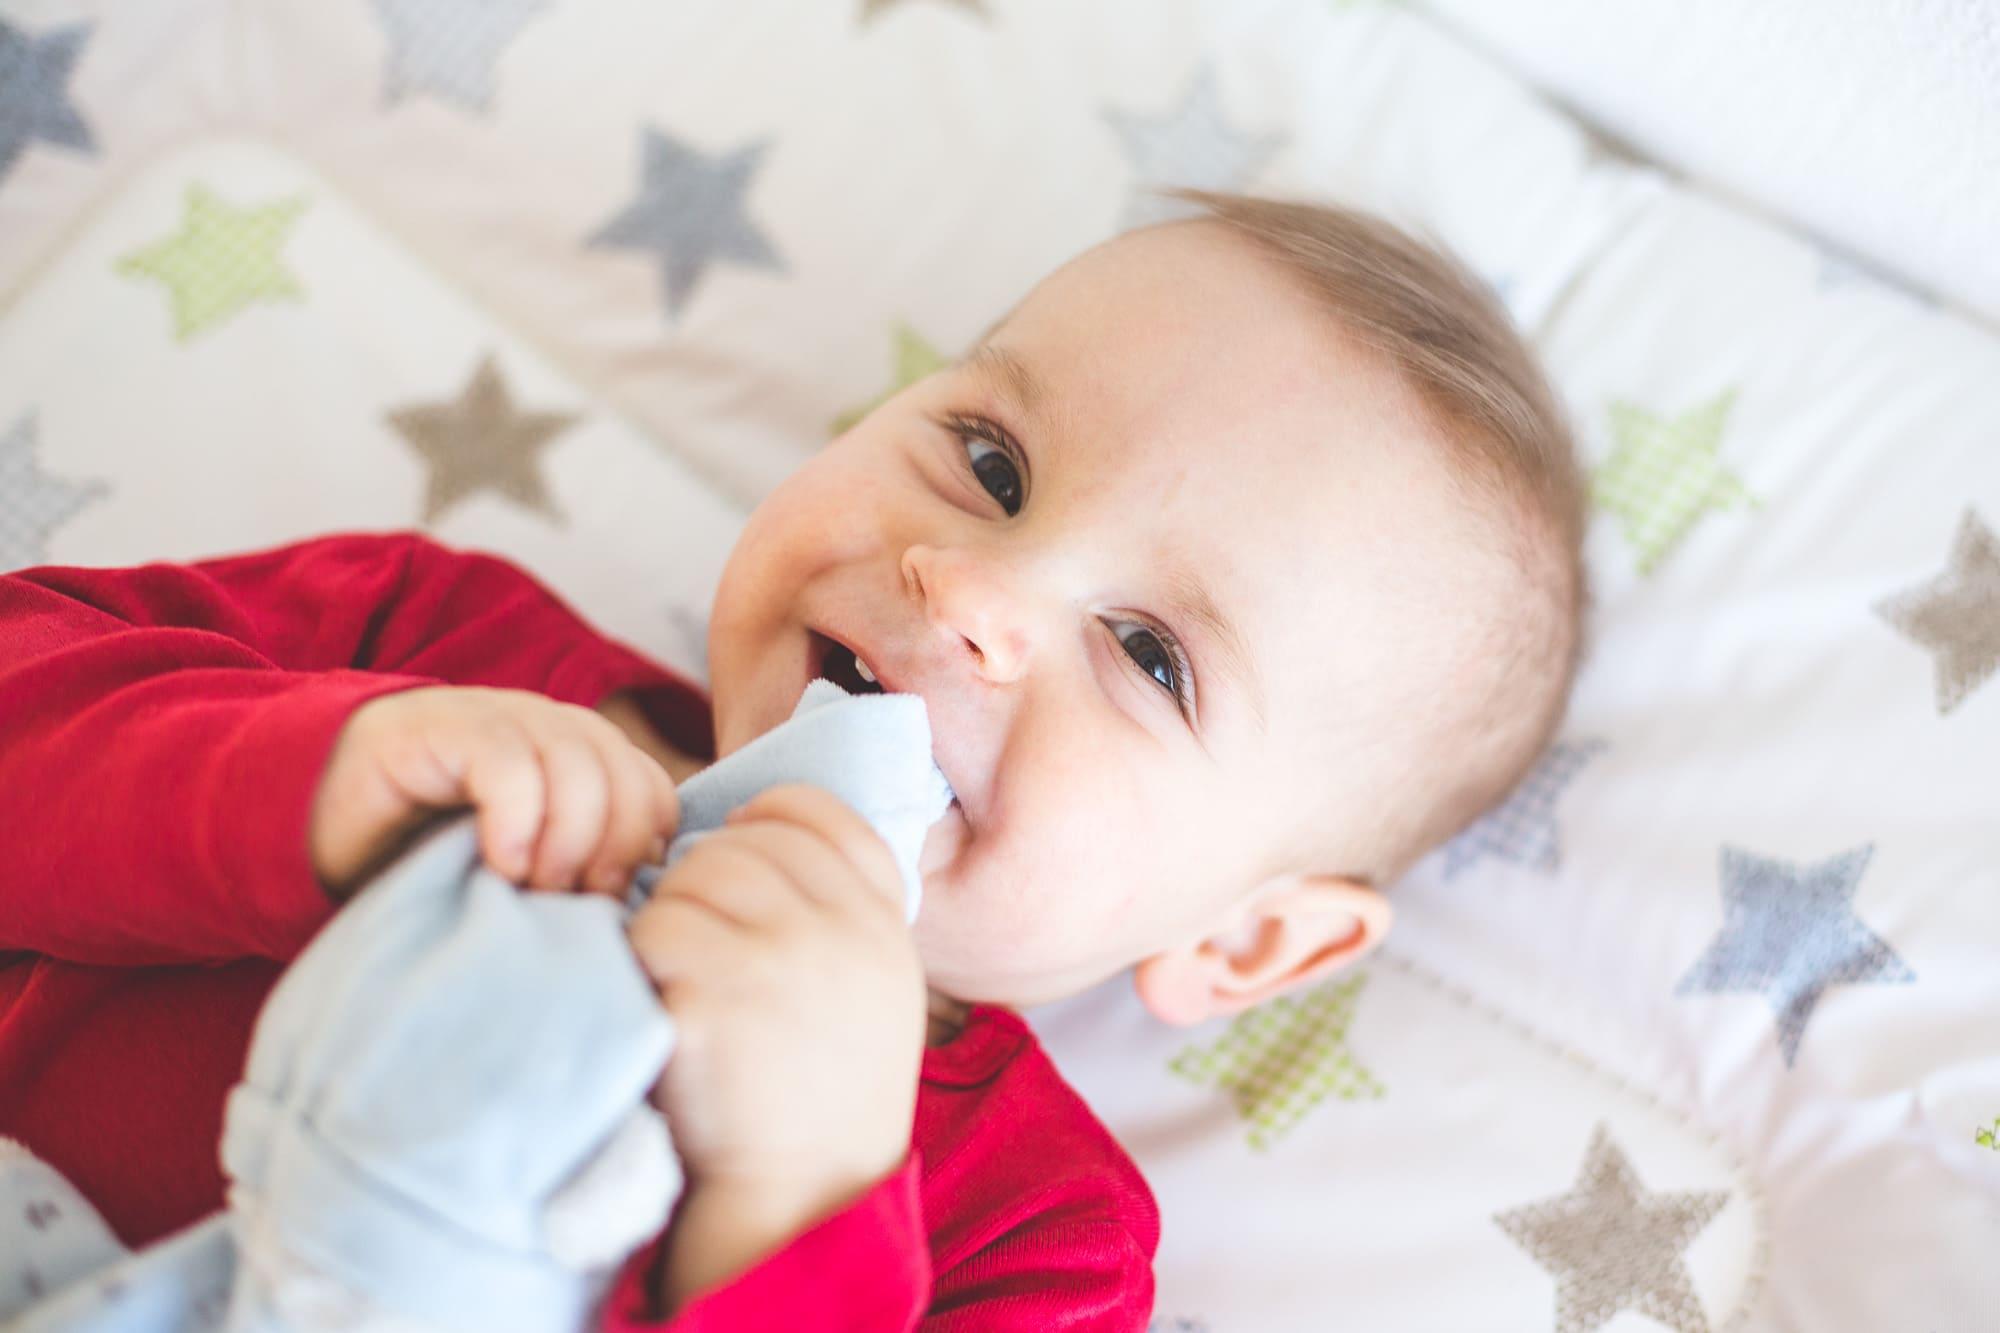 Kleiner Junge auf Wickeltisch lacht in die Kamera